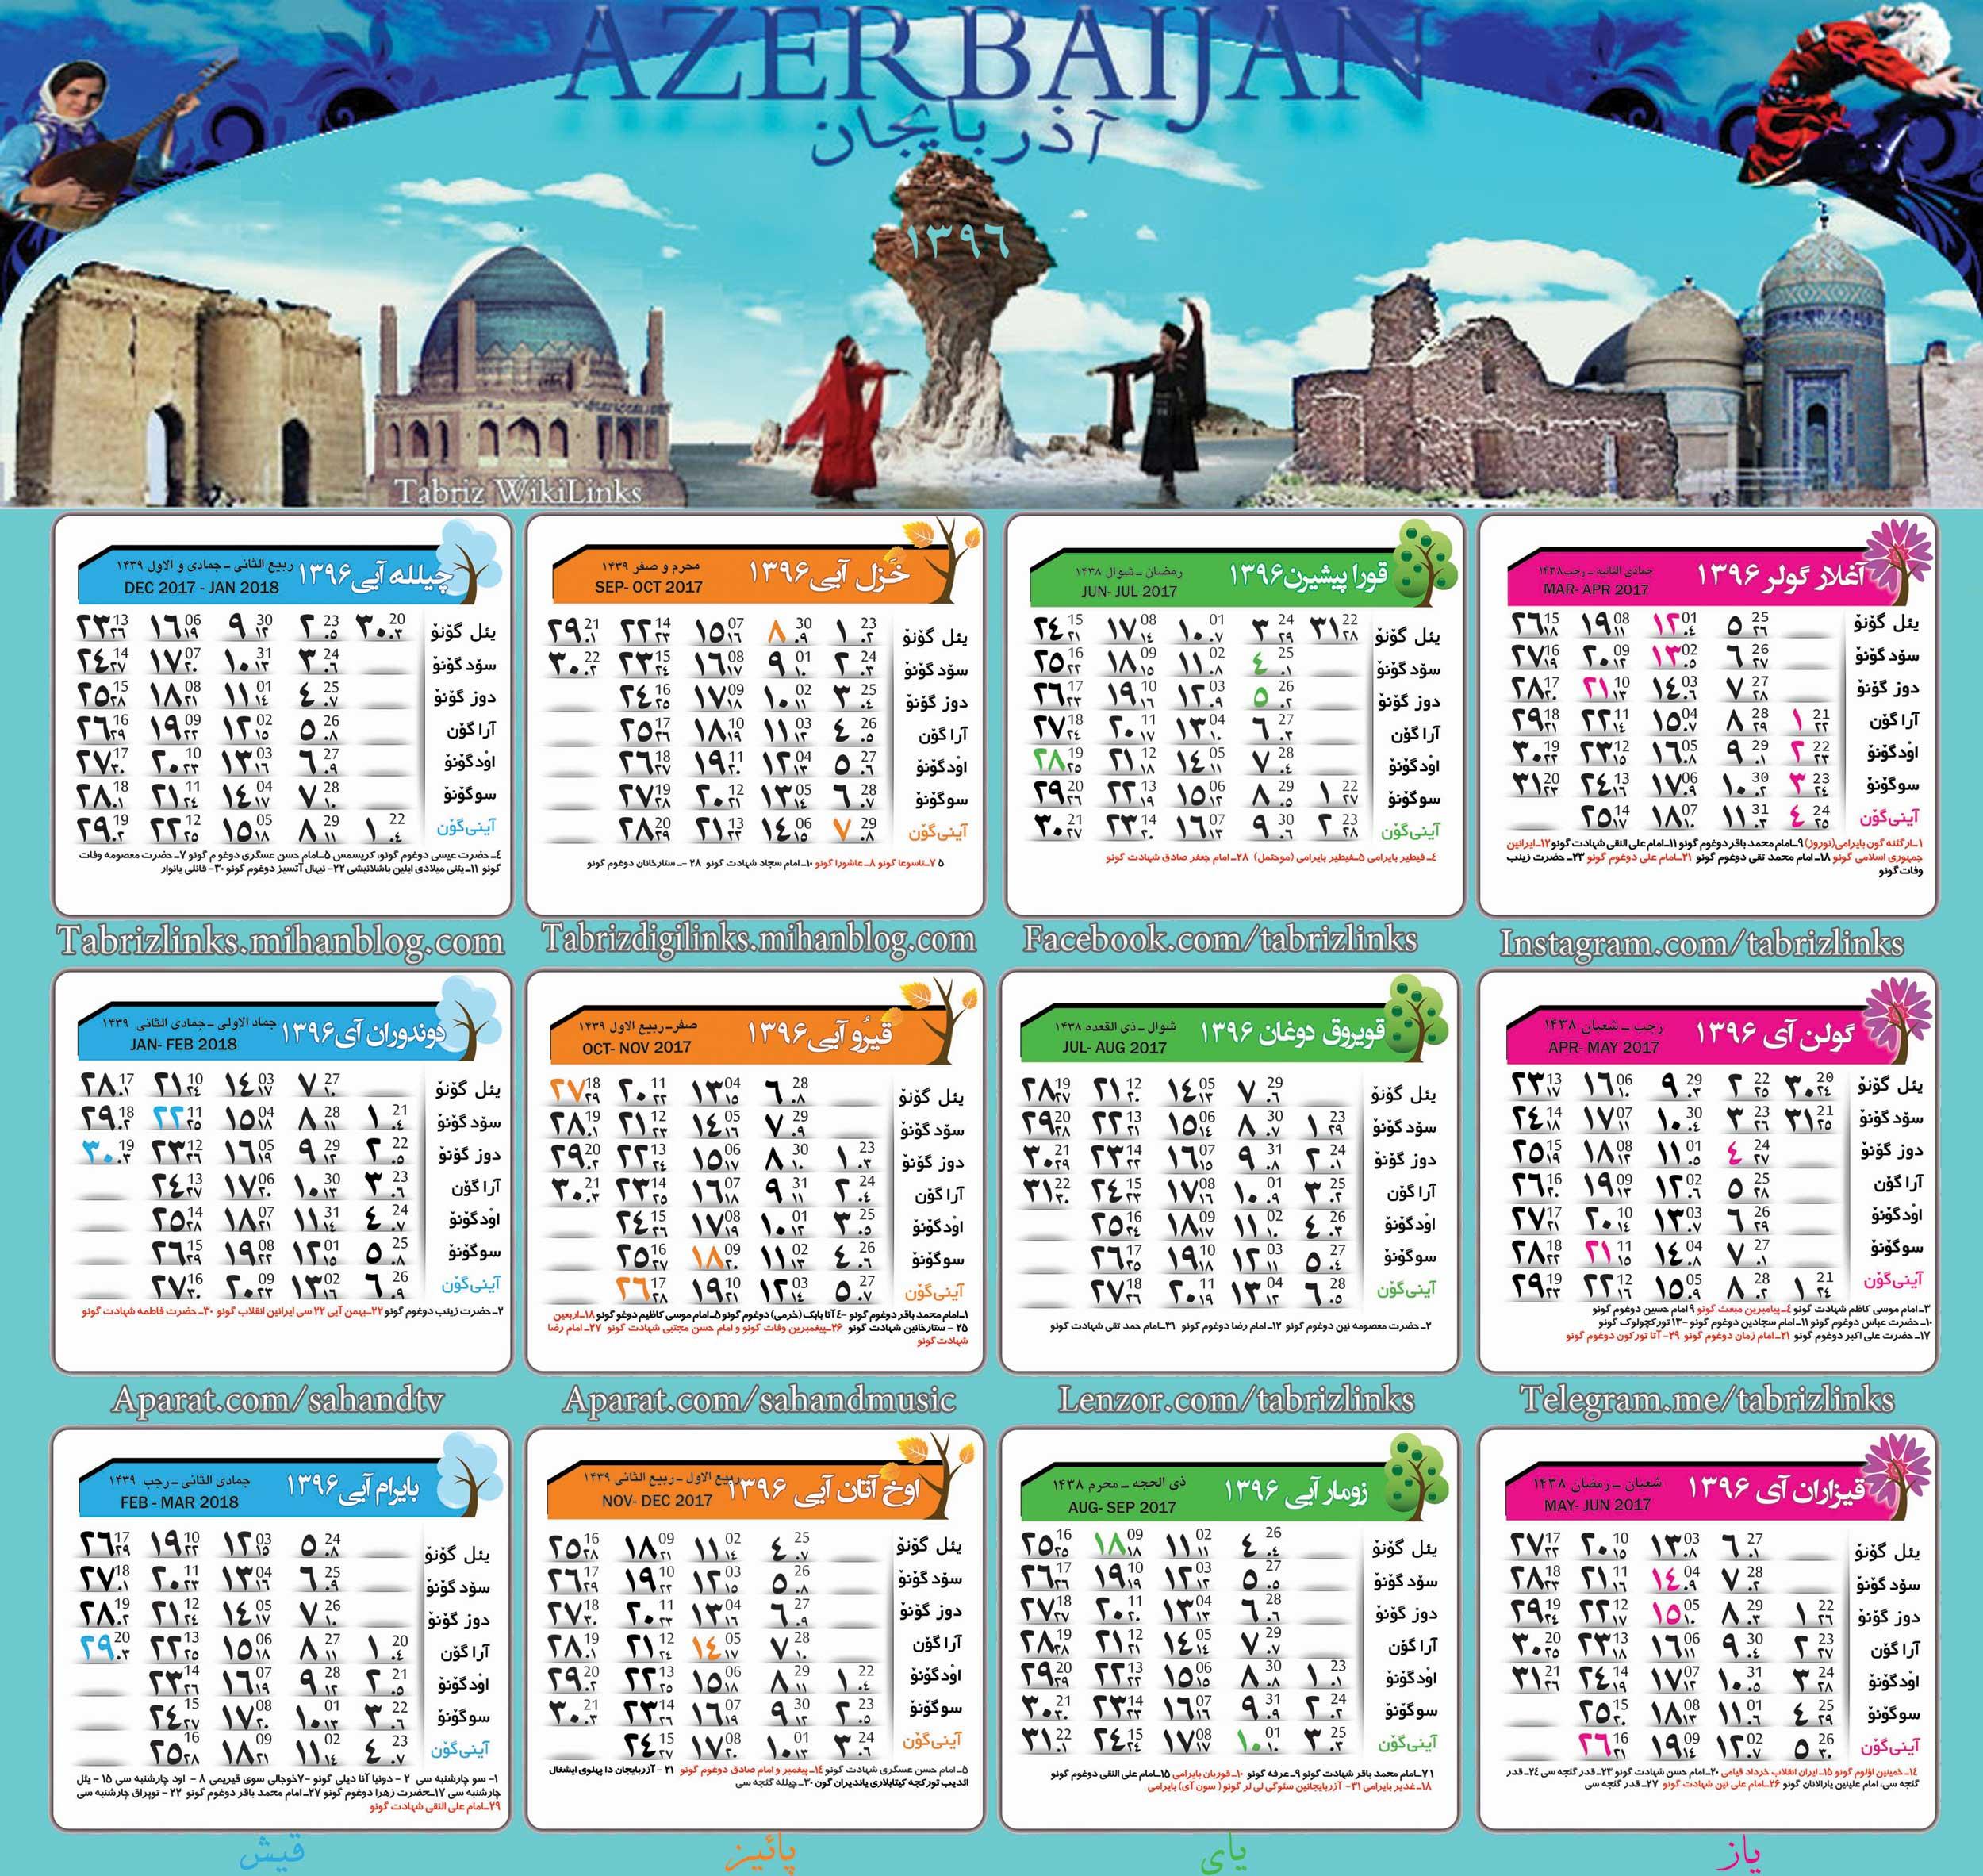 http://bayram.arzublog.com/uploads/bayram/taqvim_turkce_2.jpg